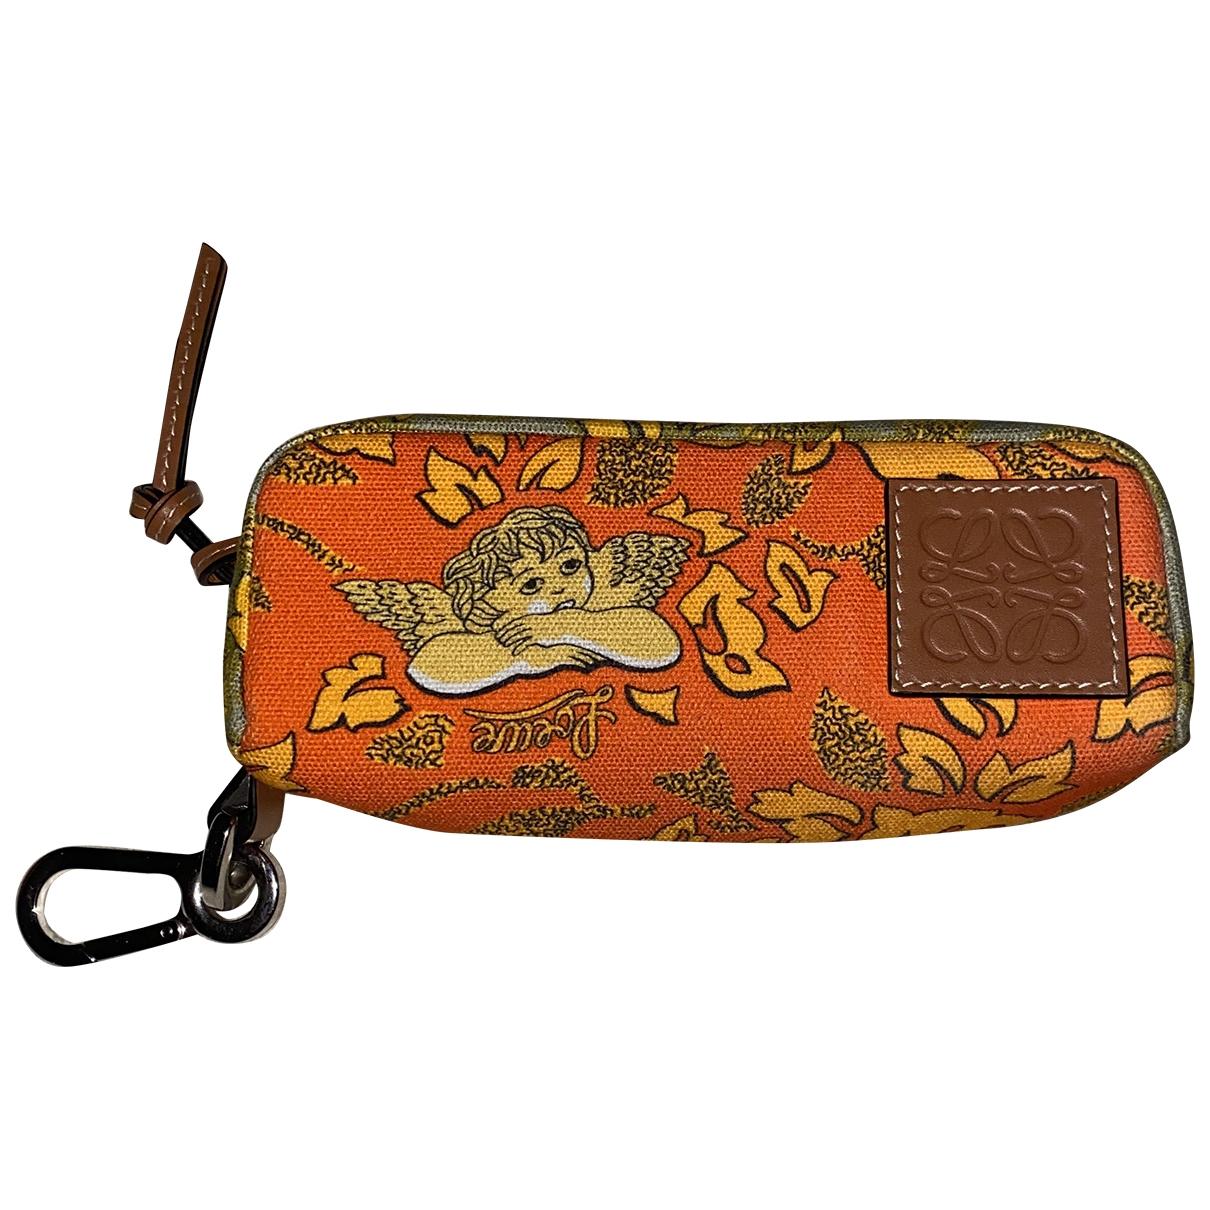 Loewe \N Orange Linen Clutch bag for Women \N